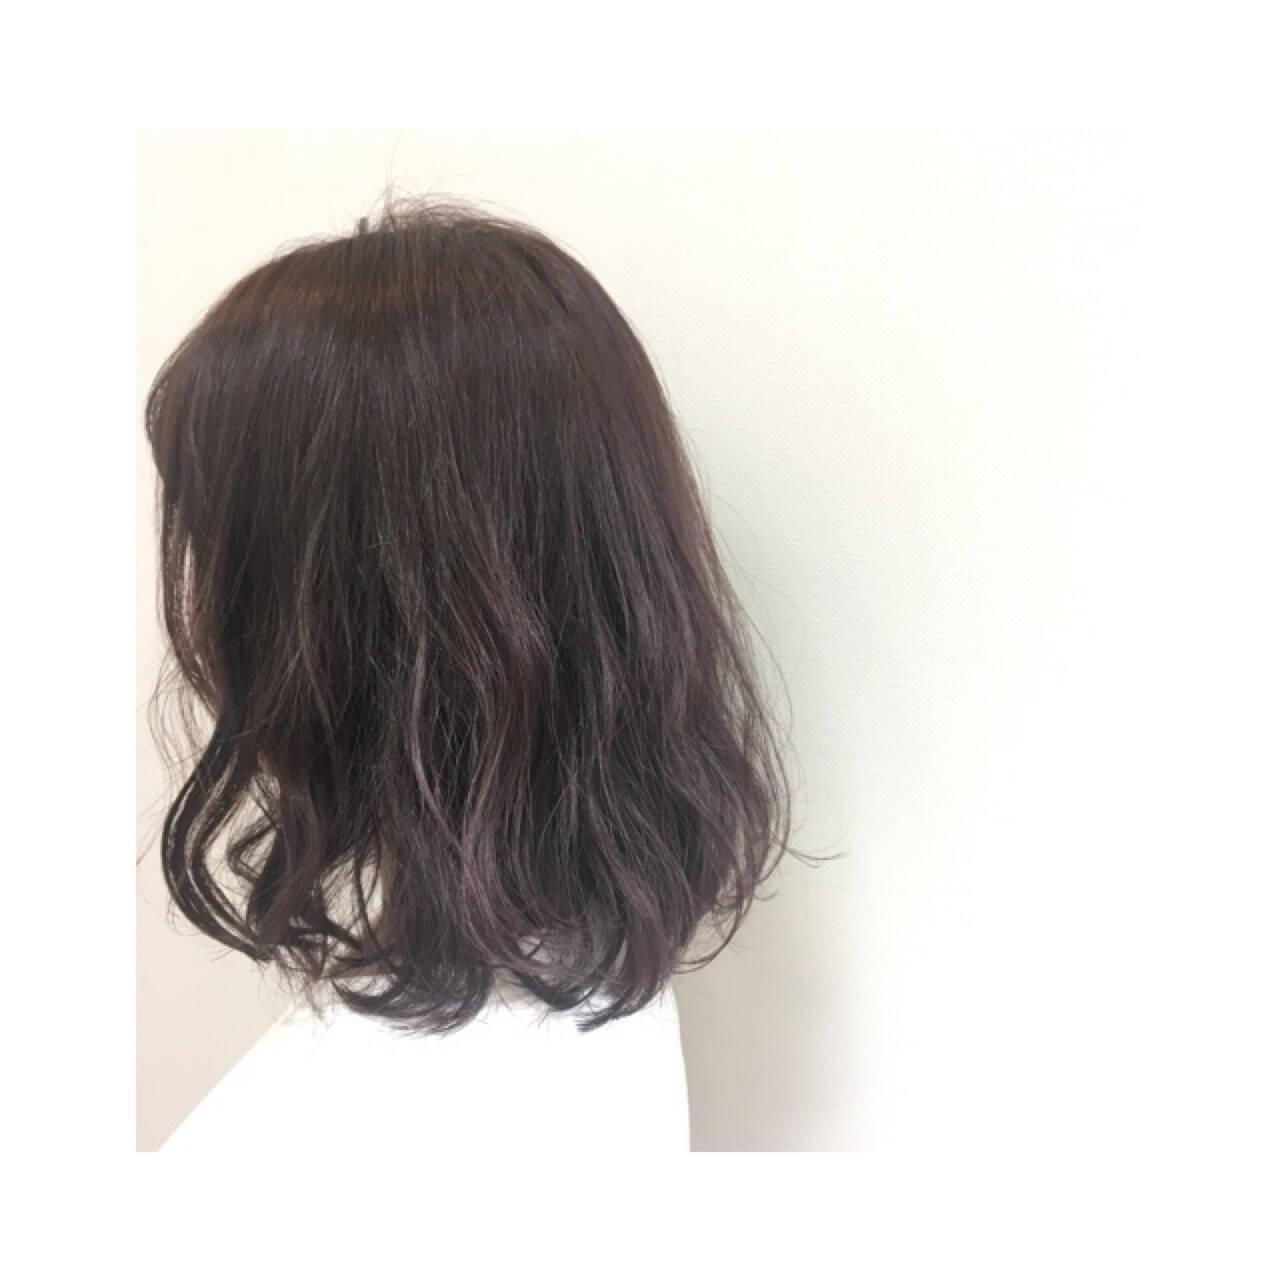 ナチュラル 春 グレージュ ラベンダーアッシュヘアスタイルや髪型の写真・画像